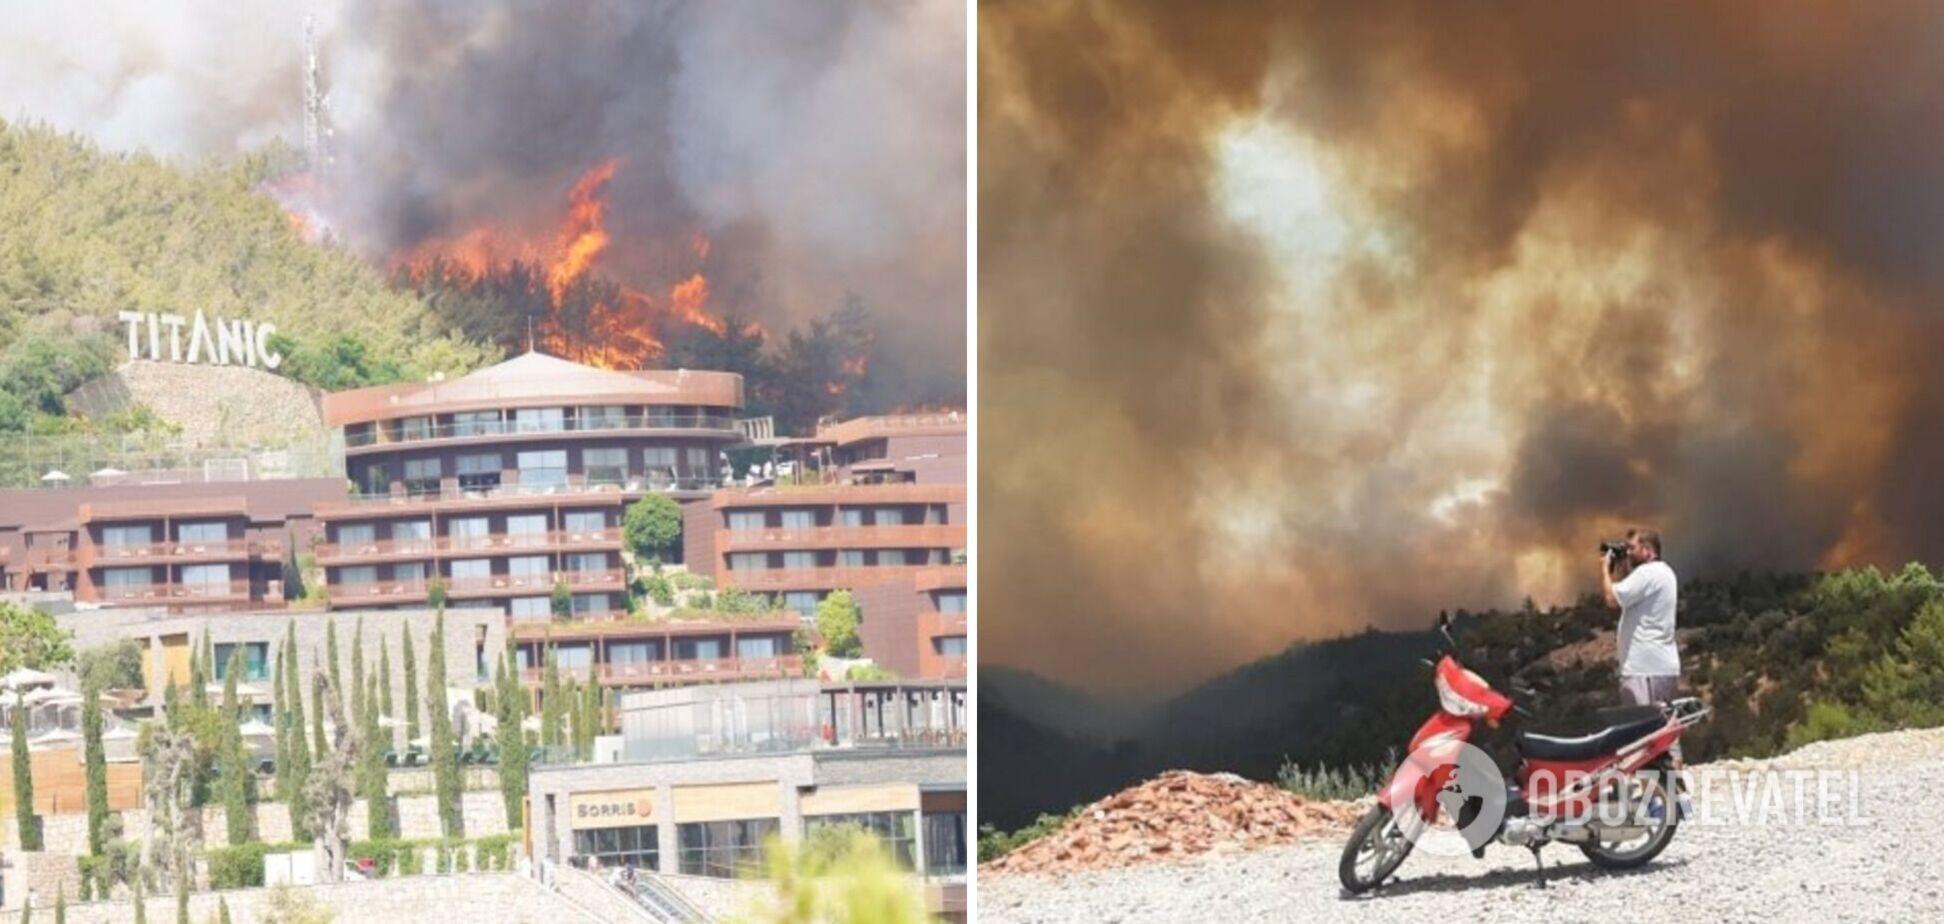 Турцию охватили масштабные пожары: смогут ли украинцы вернуть деньги и как изменятся цены на путевки